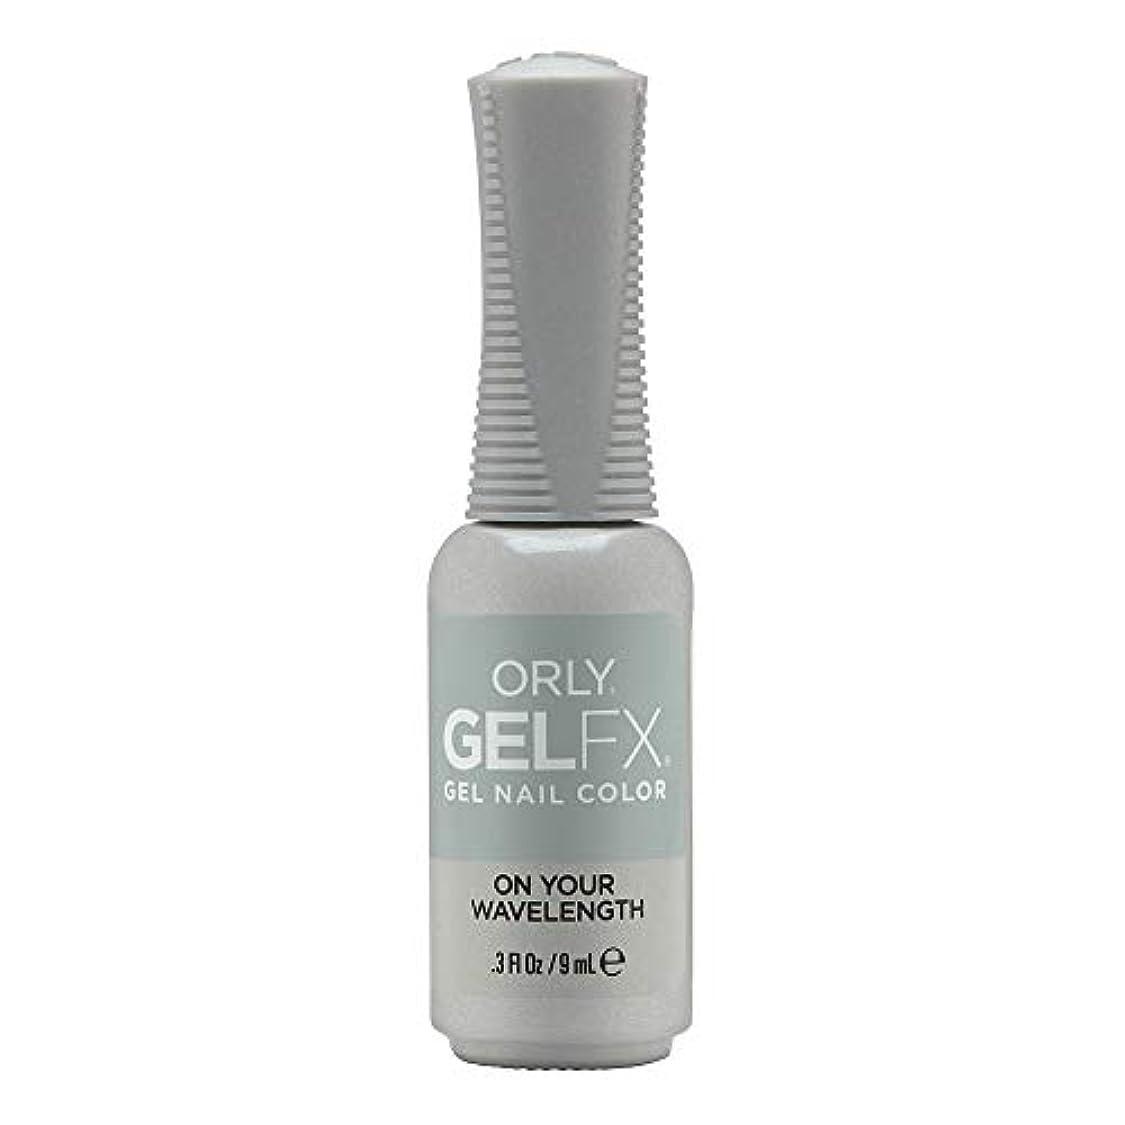 強調する保持する性交ORLY Gel FX - Euphoria 2019 Collection - On Your Wavelength - 0.3 oz / 9 mL